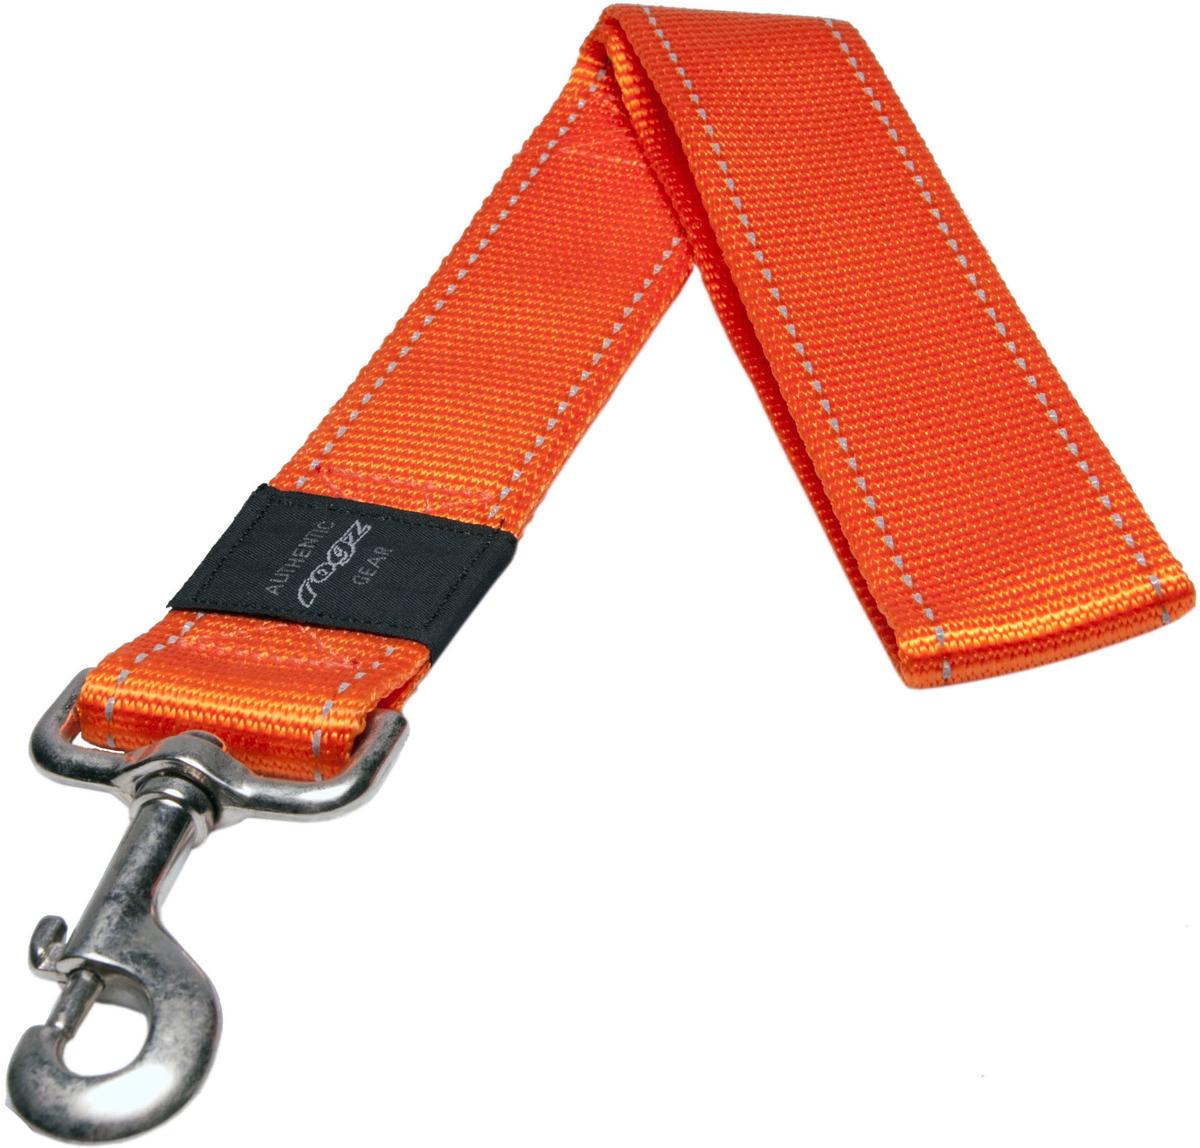 Поводок для собак Rogz Utility, цвет: оранжевый, ширина 4 см. Размер XXL0120710Поводок для собак Rogz Utility  со светоотражающей нитью, вплетенной в нейлоновую ленту, обеспечивает лучшую видимость собаки в темное время суток. Специальная конструкция пряжки Rog Loc - очень крепкая (система Fort Knox). Замок может быть расстегнут только рукой человека. Технология распределения нагрузки позволяет снизить нагрузку на пряжки, изготовленные из титанового пластика, с помощью правильного и разумного расположения грузовых колец, благодаря чему, даже при самых сильных рывках, изделие не рвется и не деформируется.Выполненные специально по заказу ROGZ литые кольца гальванически хромированы, что позволяет избежать коррозии и потускнения изделия.